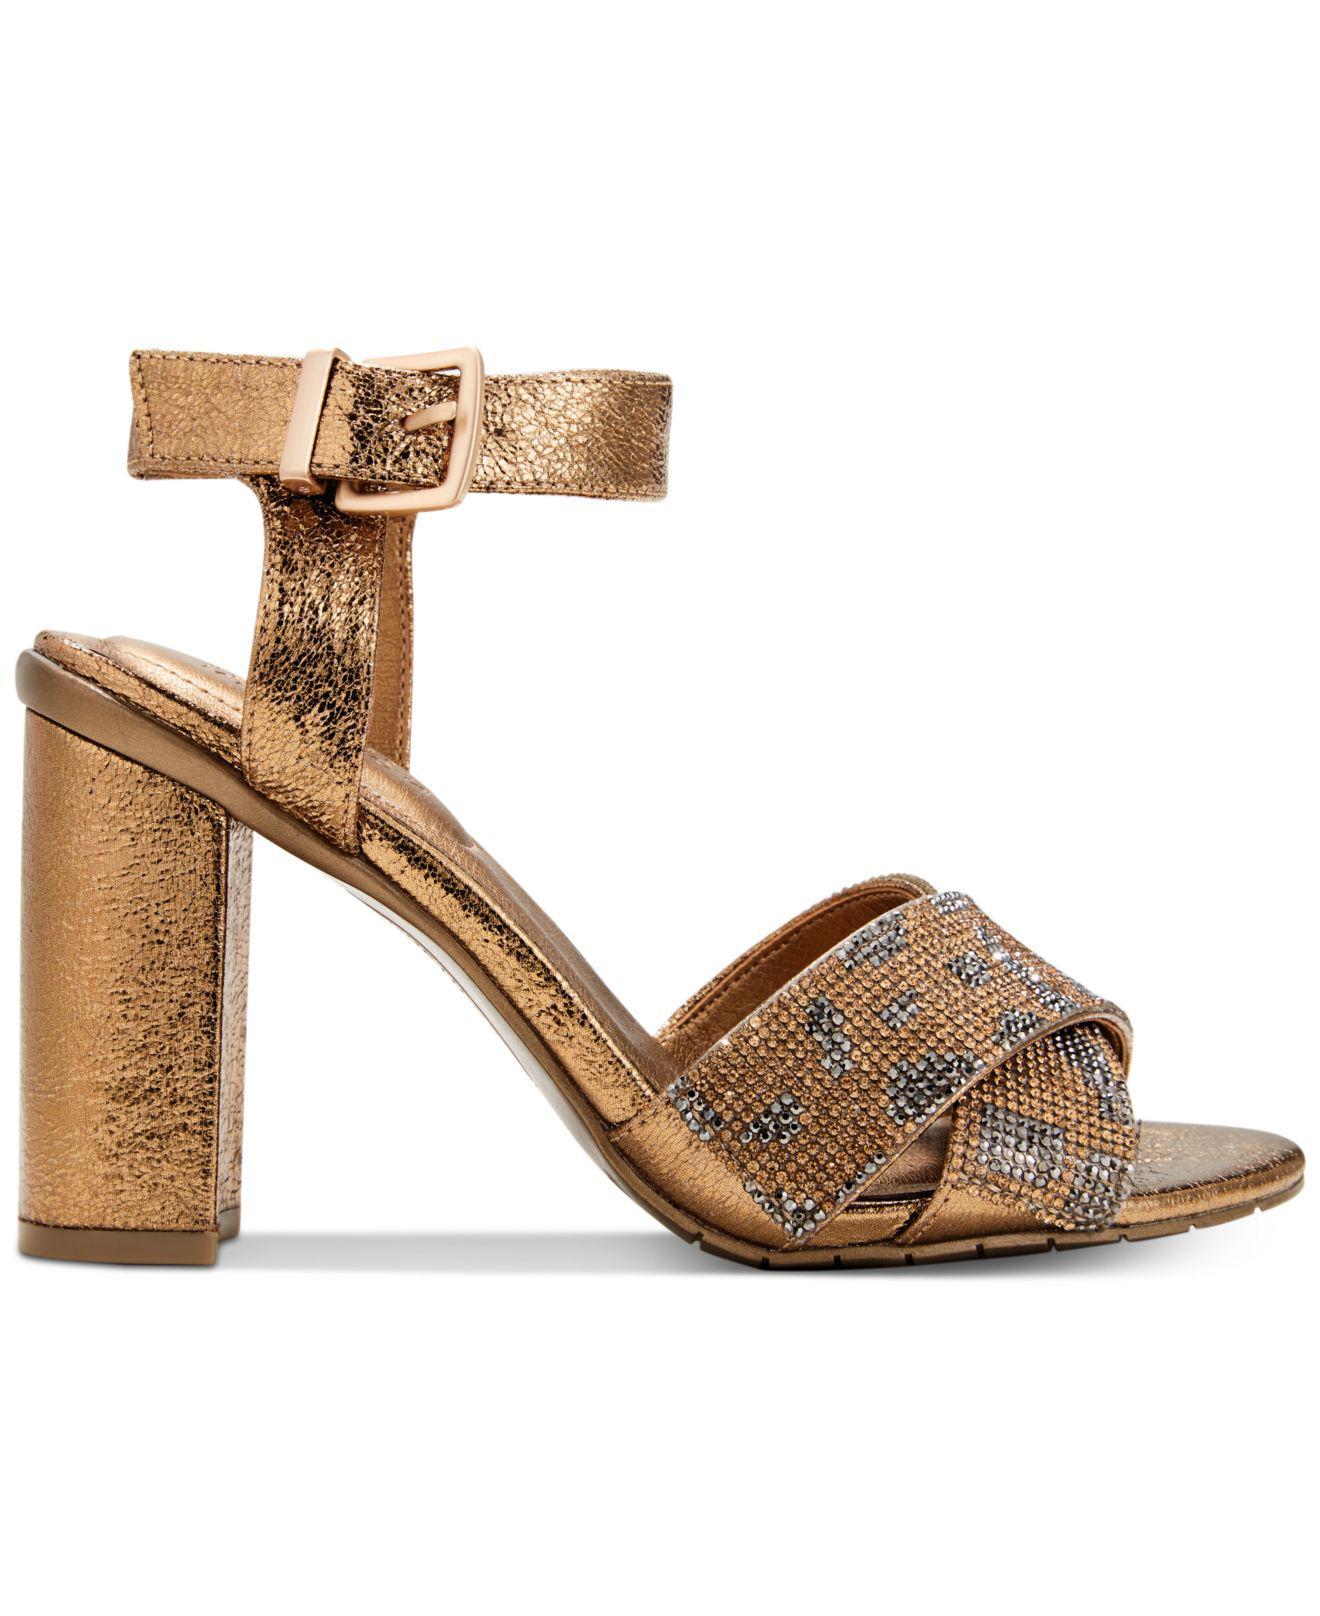 643b9d1366d95 kenneth-cole-reaction-Medal-Gold-Womens-Crash-Jewel-Embellished-Dress-Sandals.jpeg